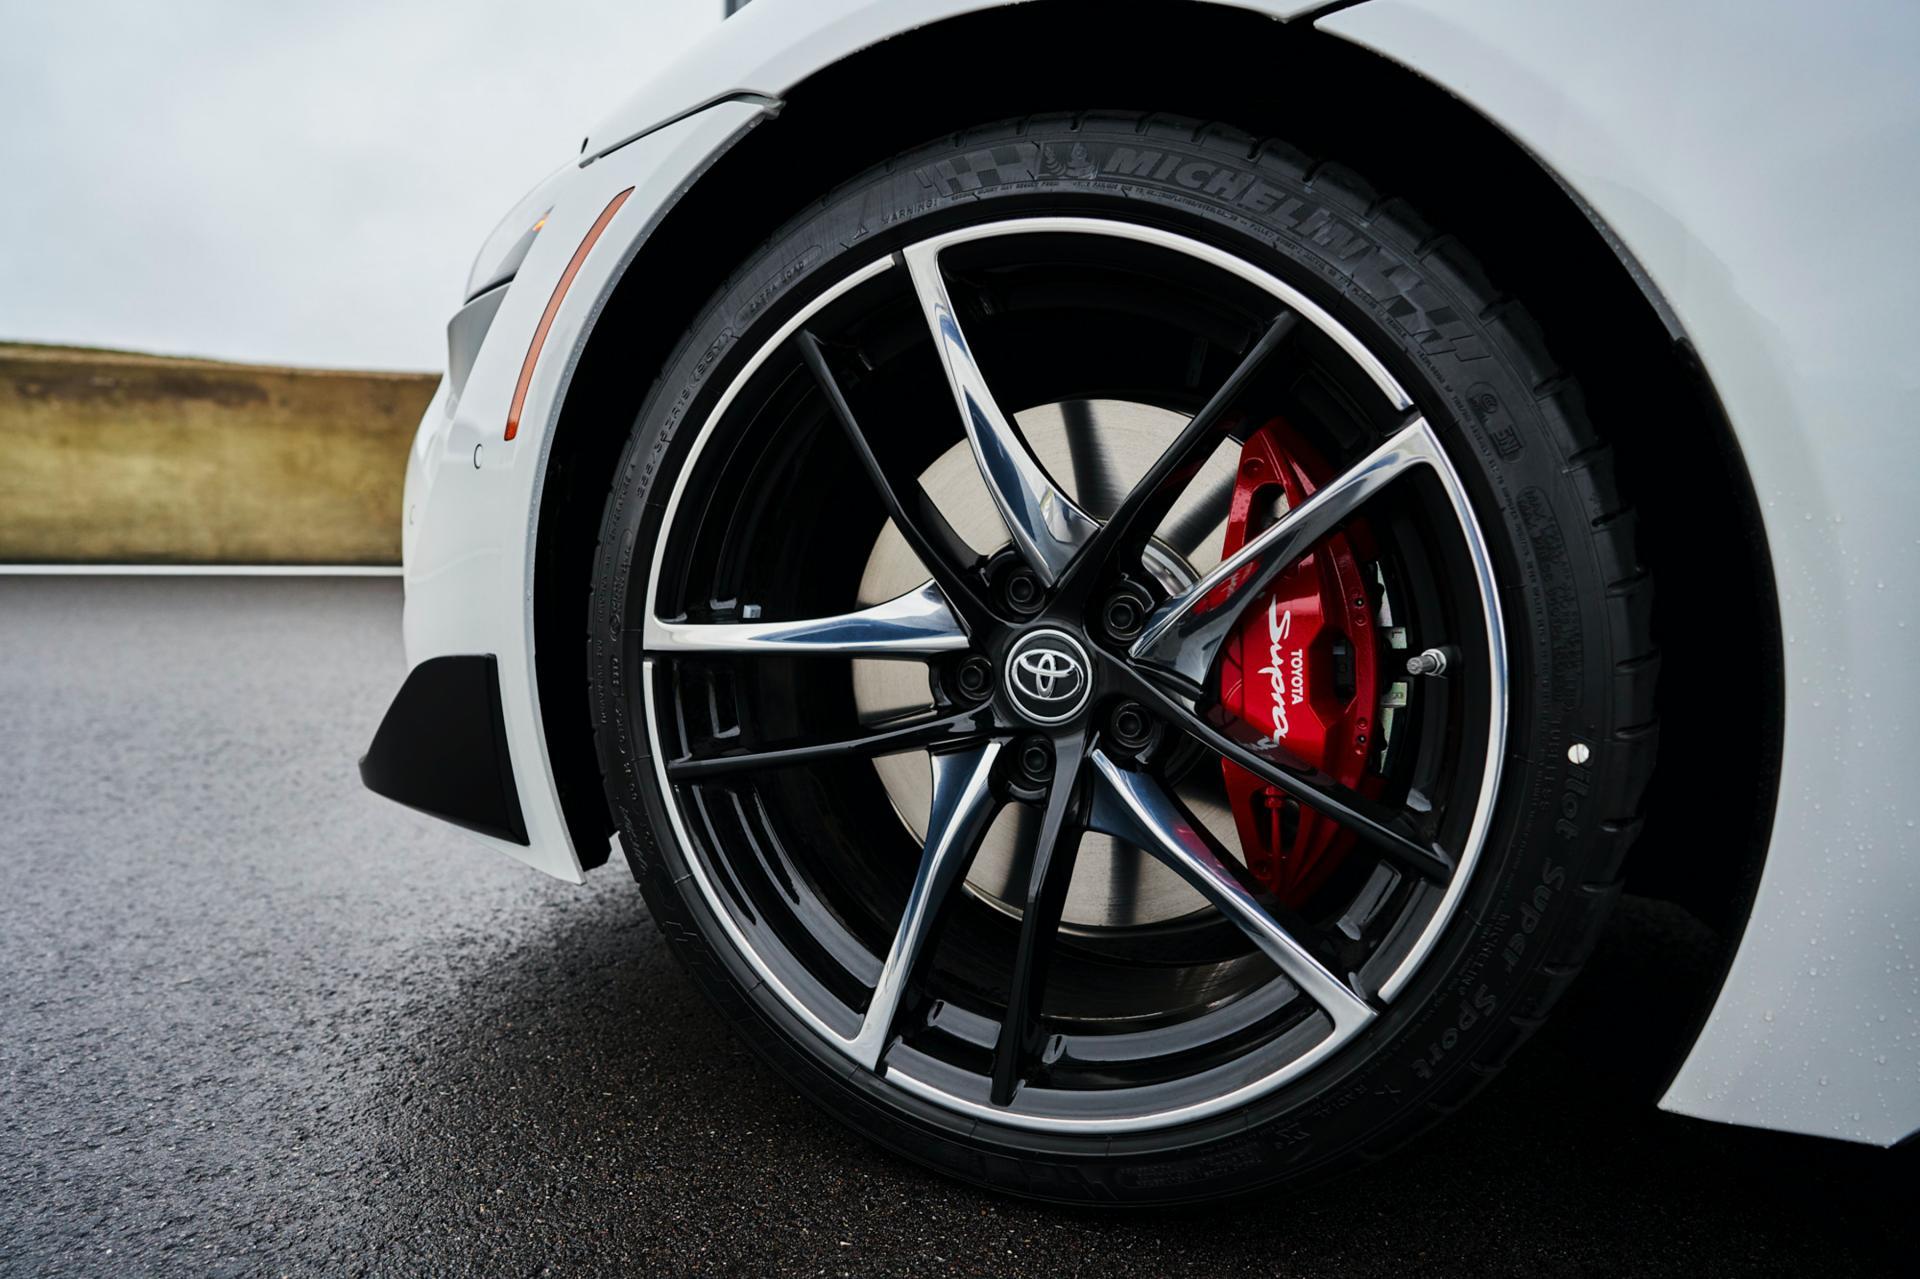 2021-Toyota-GR-Supra-3.0-Premium-3